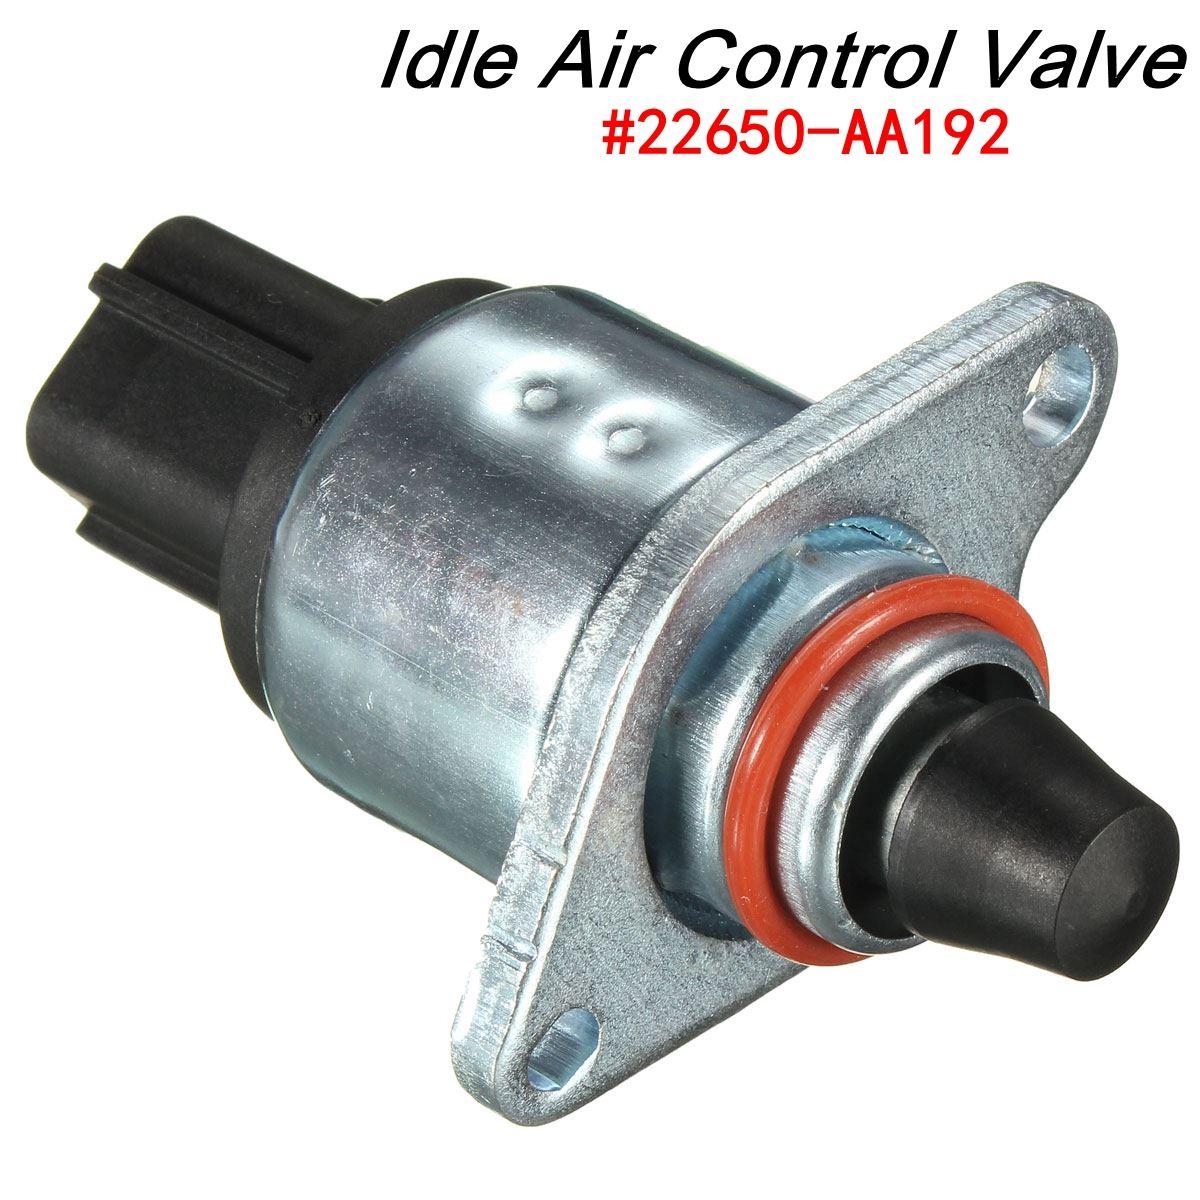 Date Idle Air Vanne De Régulation De Vitesse Pour 2650AA192 22650AA19C A33 661 R02 IAC